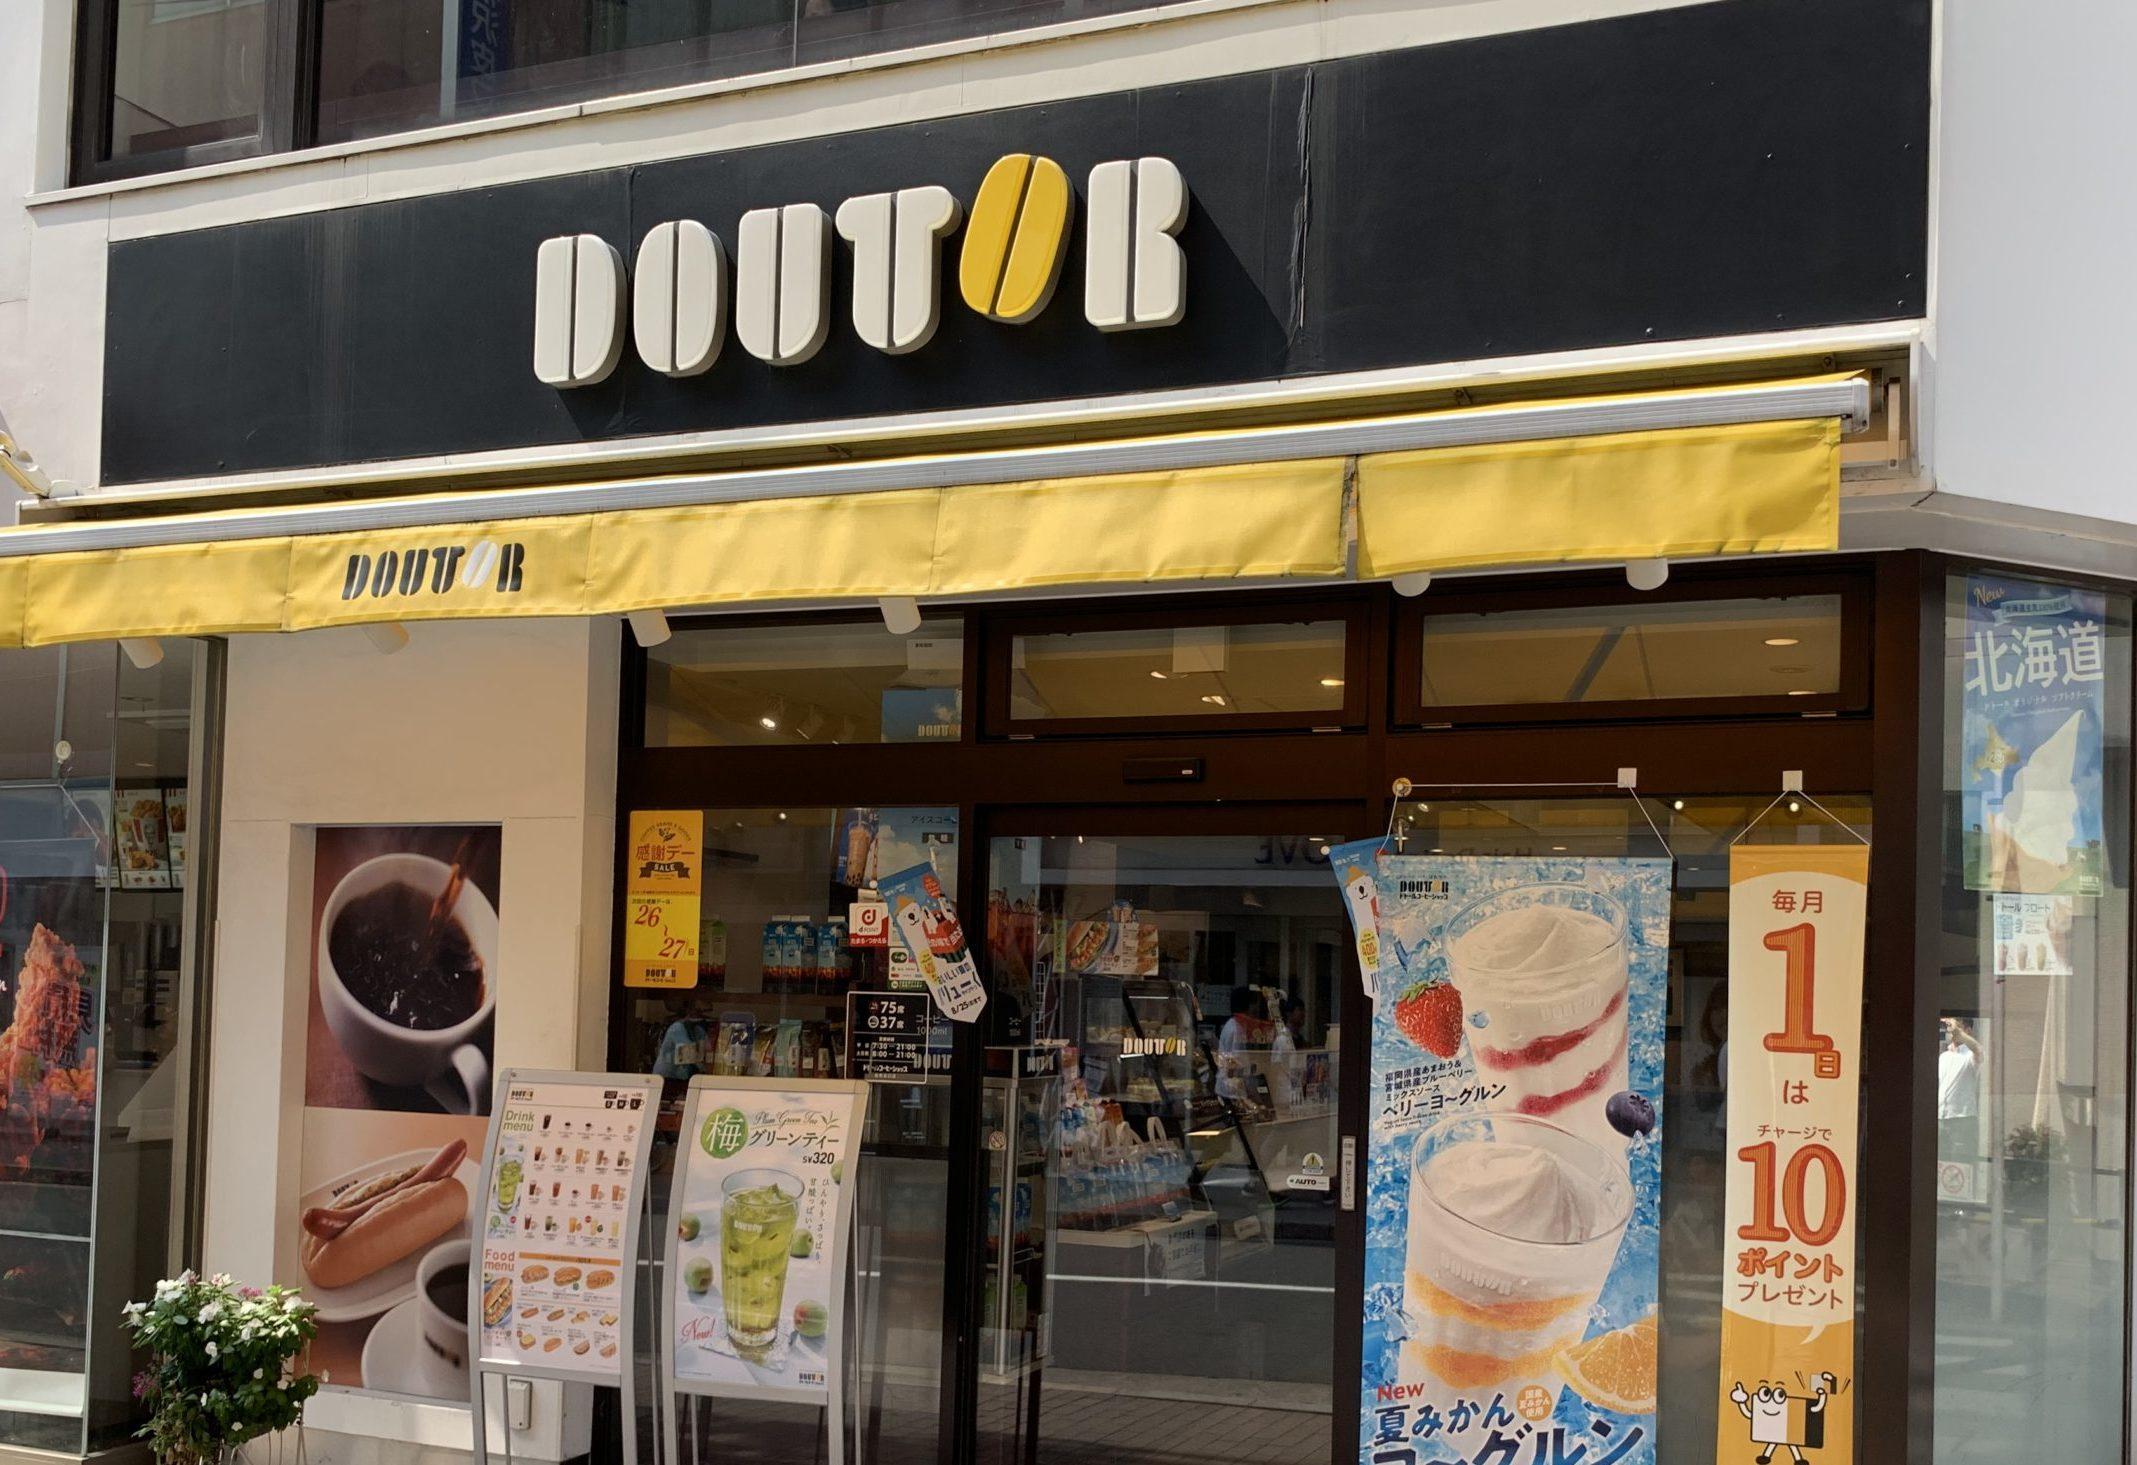 東日本橋駅B3 電源カフェ ドトールコーヒーショップ 東日本橋店 Wi-Fi